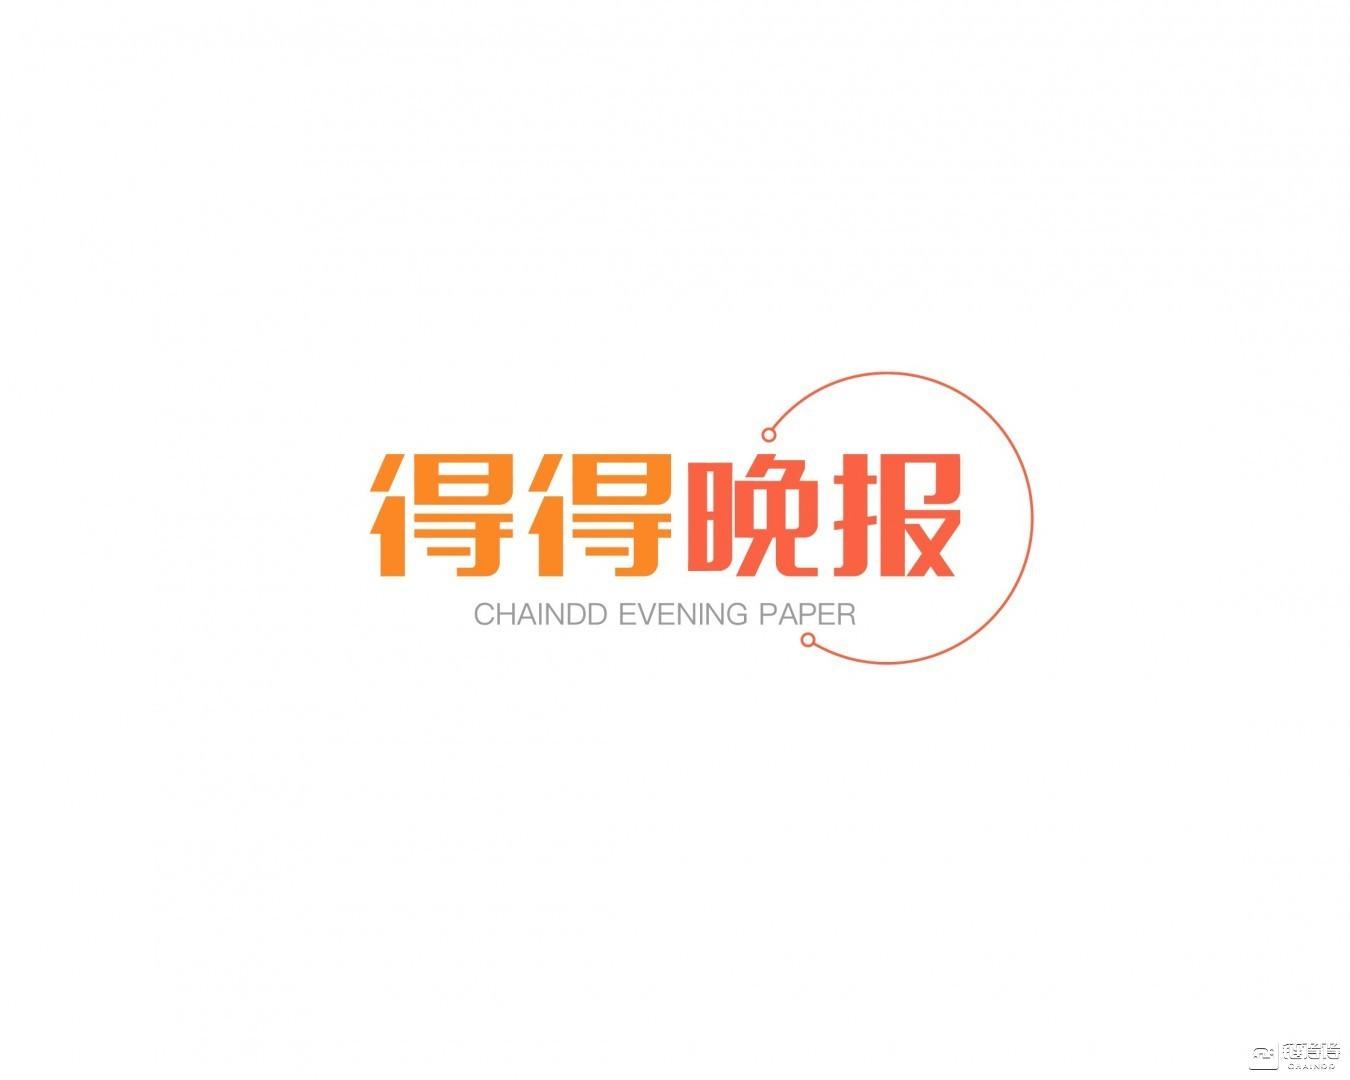 【链得得晚报】前央行数字货币研究所所长姚前已出任中证登总经理